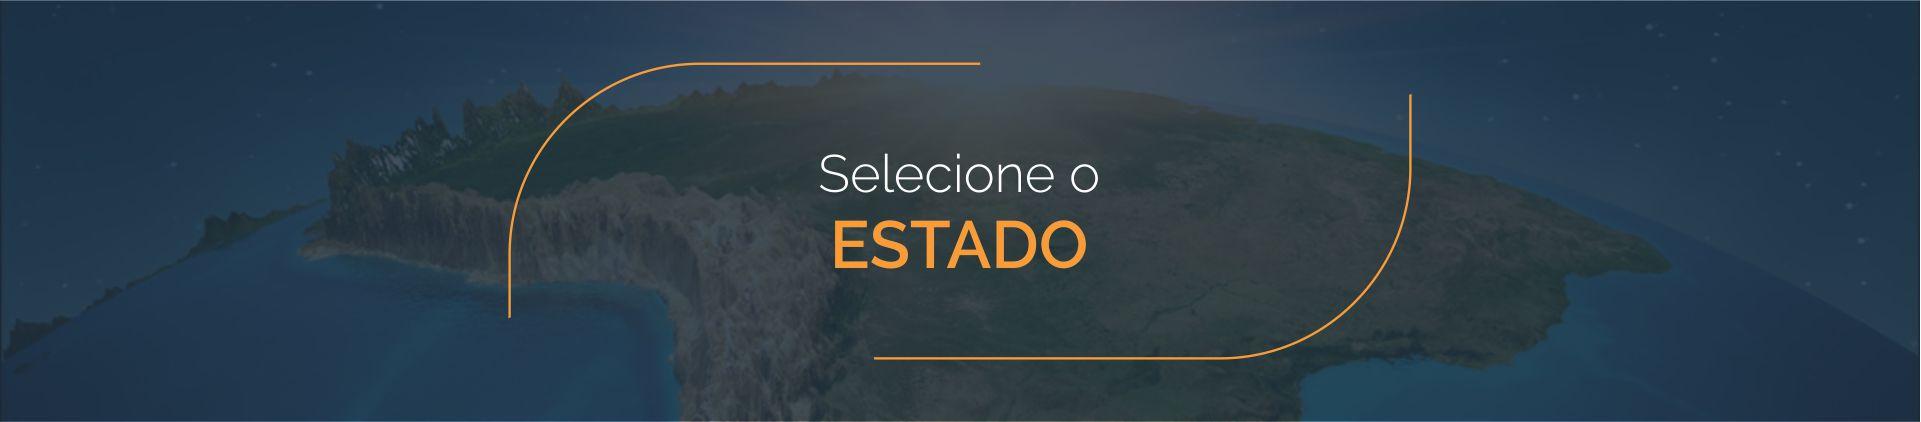 Listas Telefônicas do Brasil - Disk Fácil Listas Telefônicas